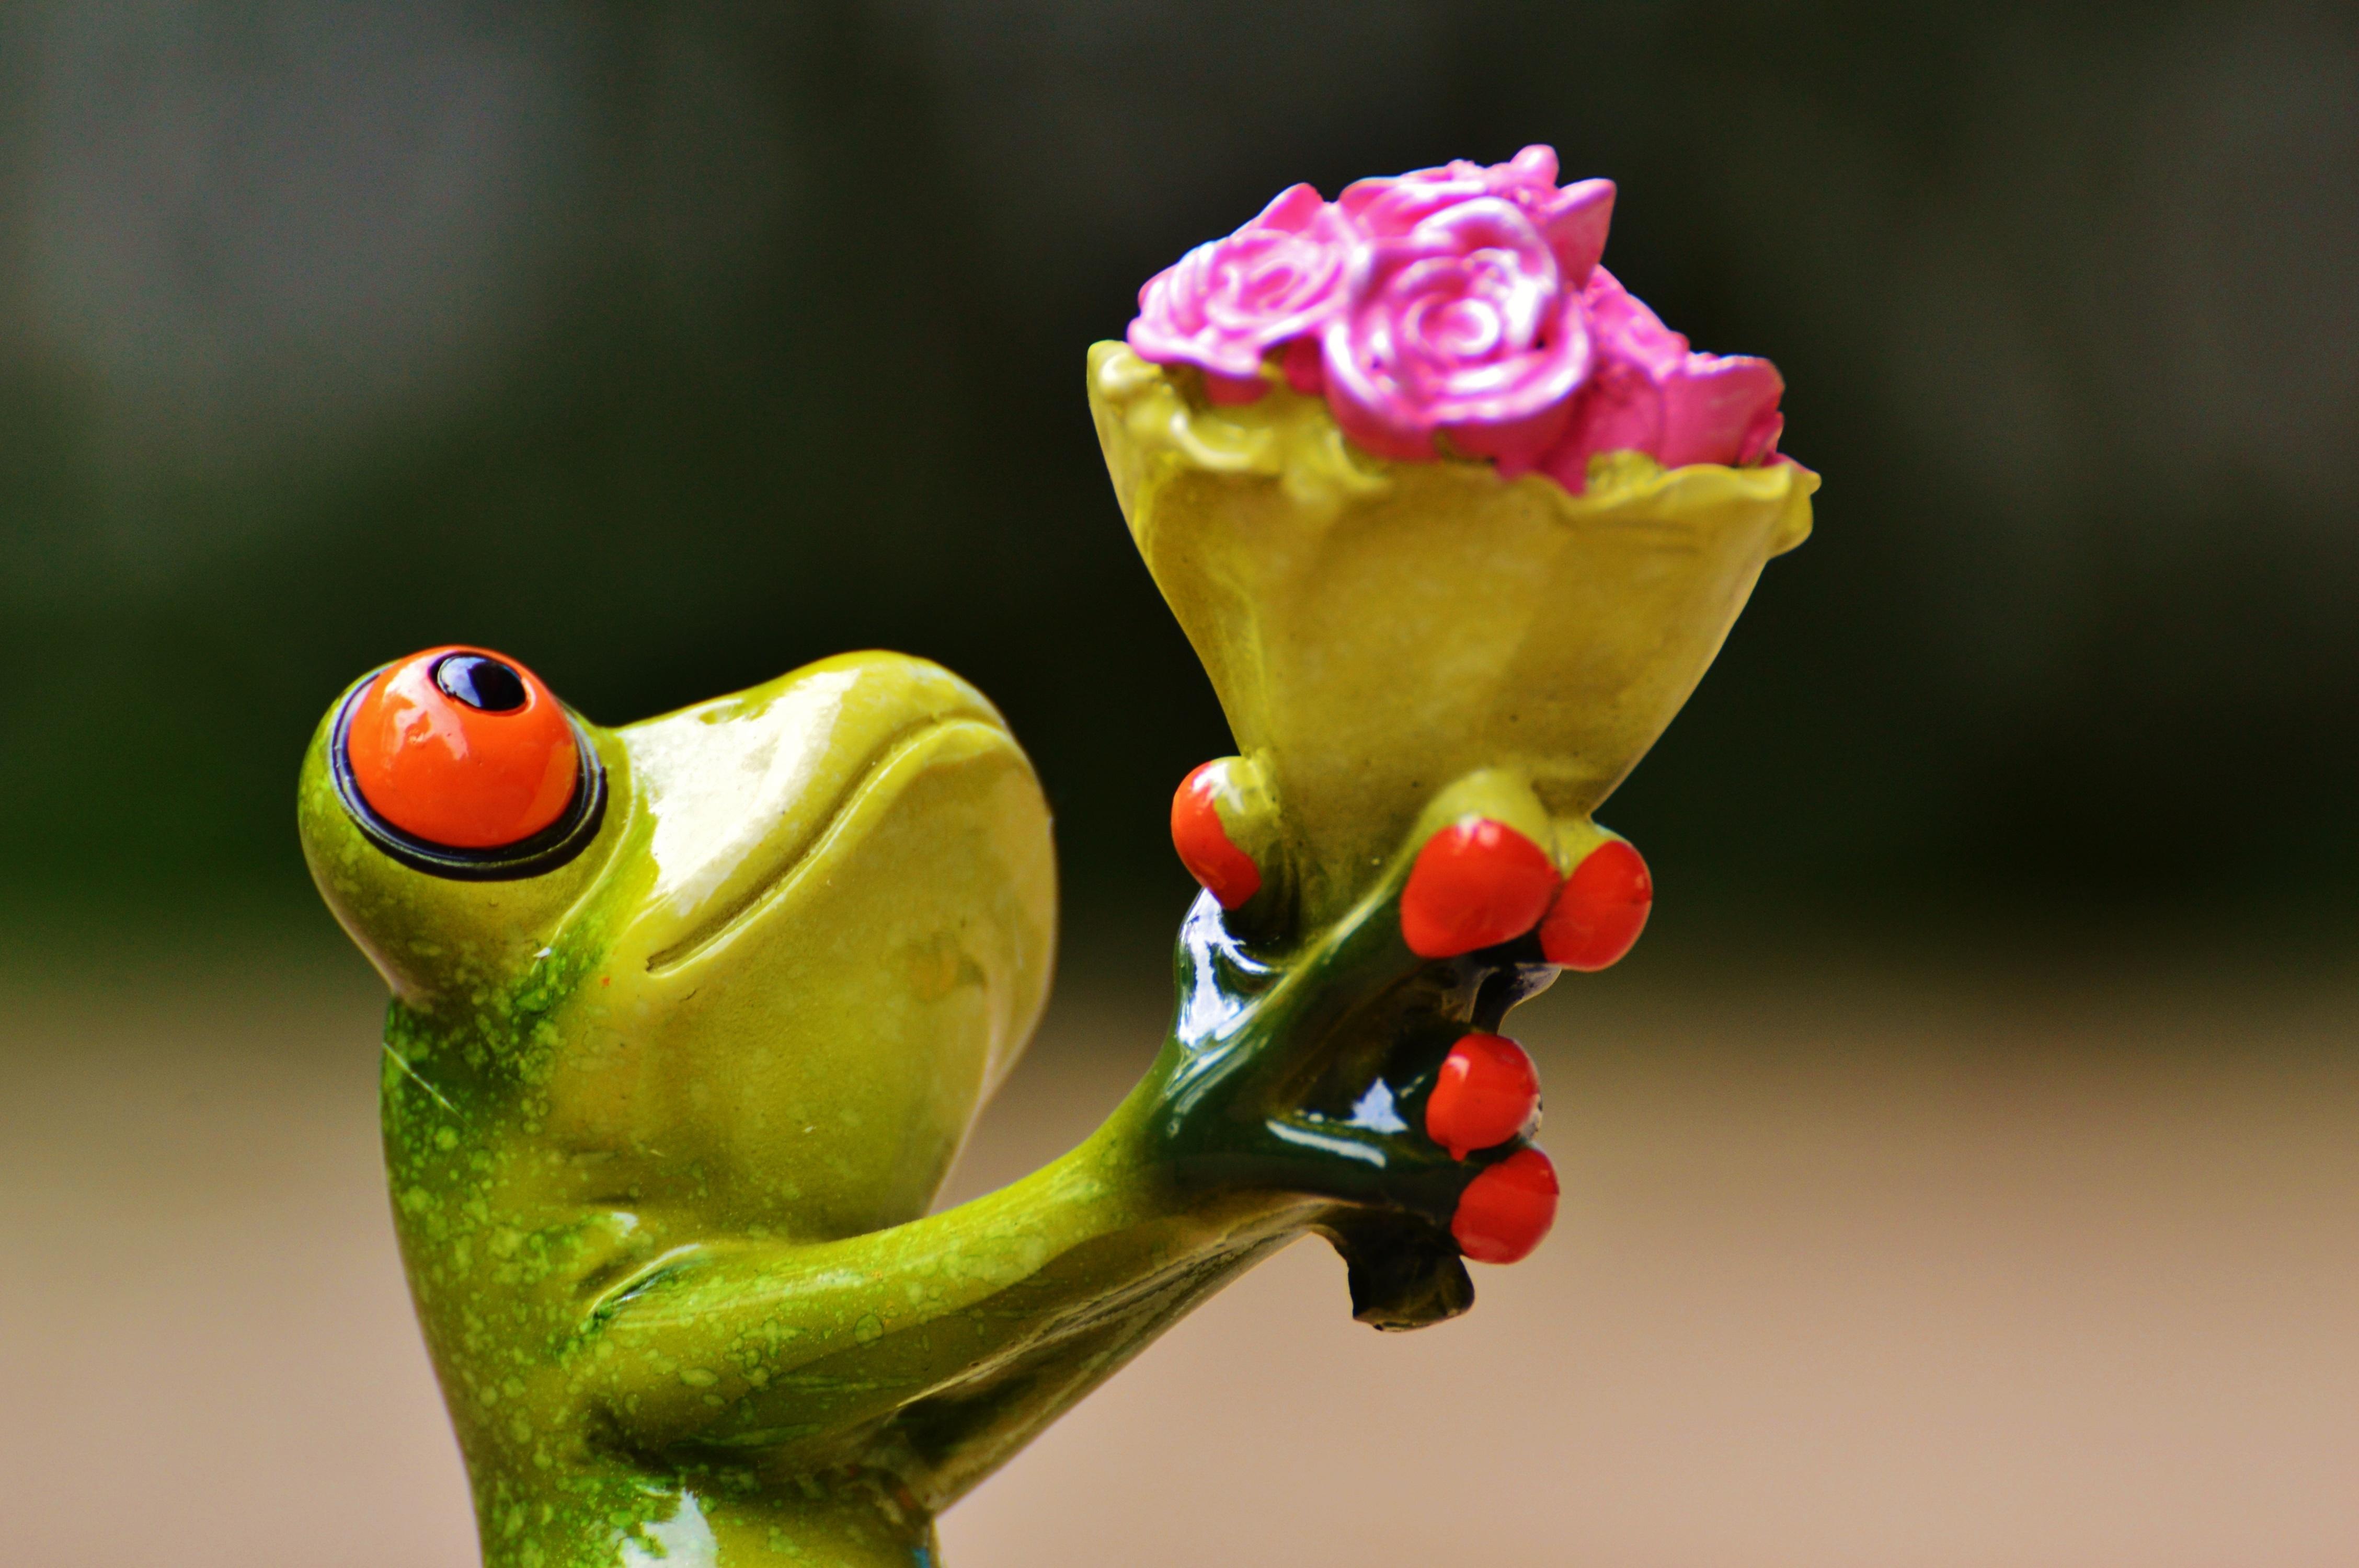 картинки красивые и прикольные про цветы после этого